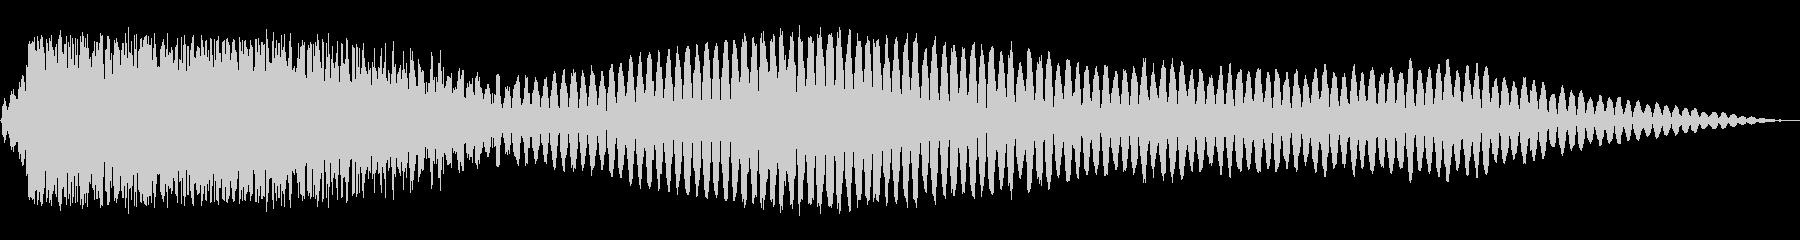 モンスターの声(長い)の未再生の波形